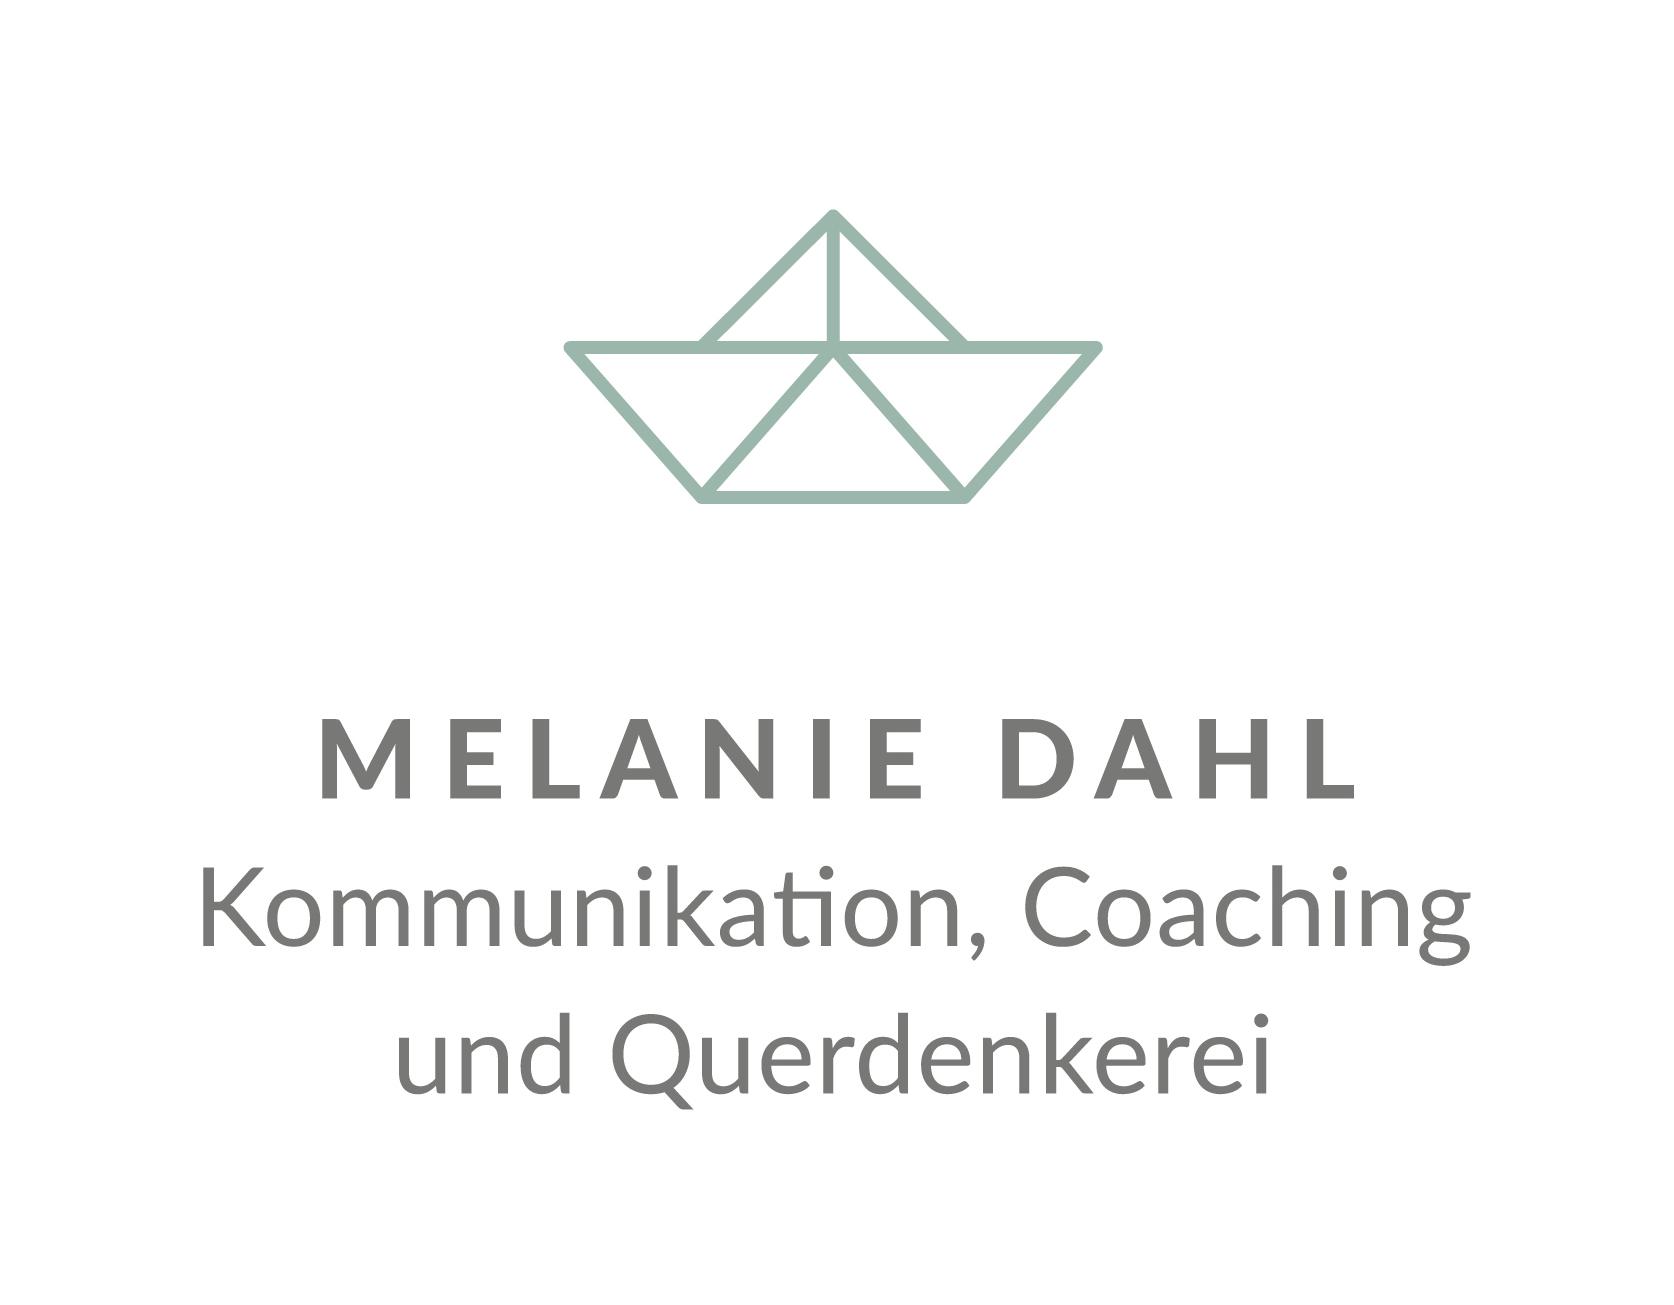 Logo Melanie Dahl – Kommunikation, Coaching und Querdenkerei